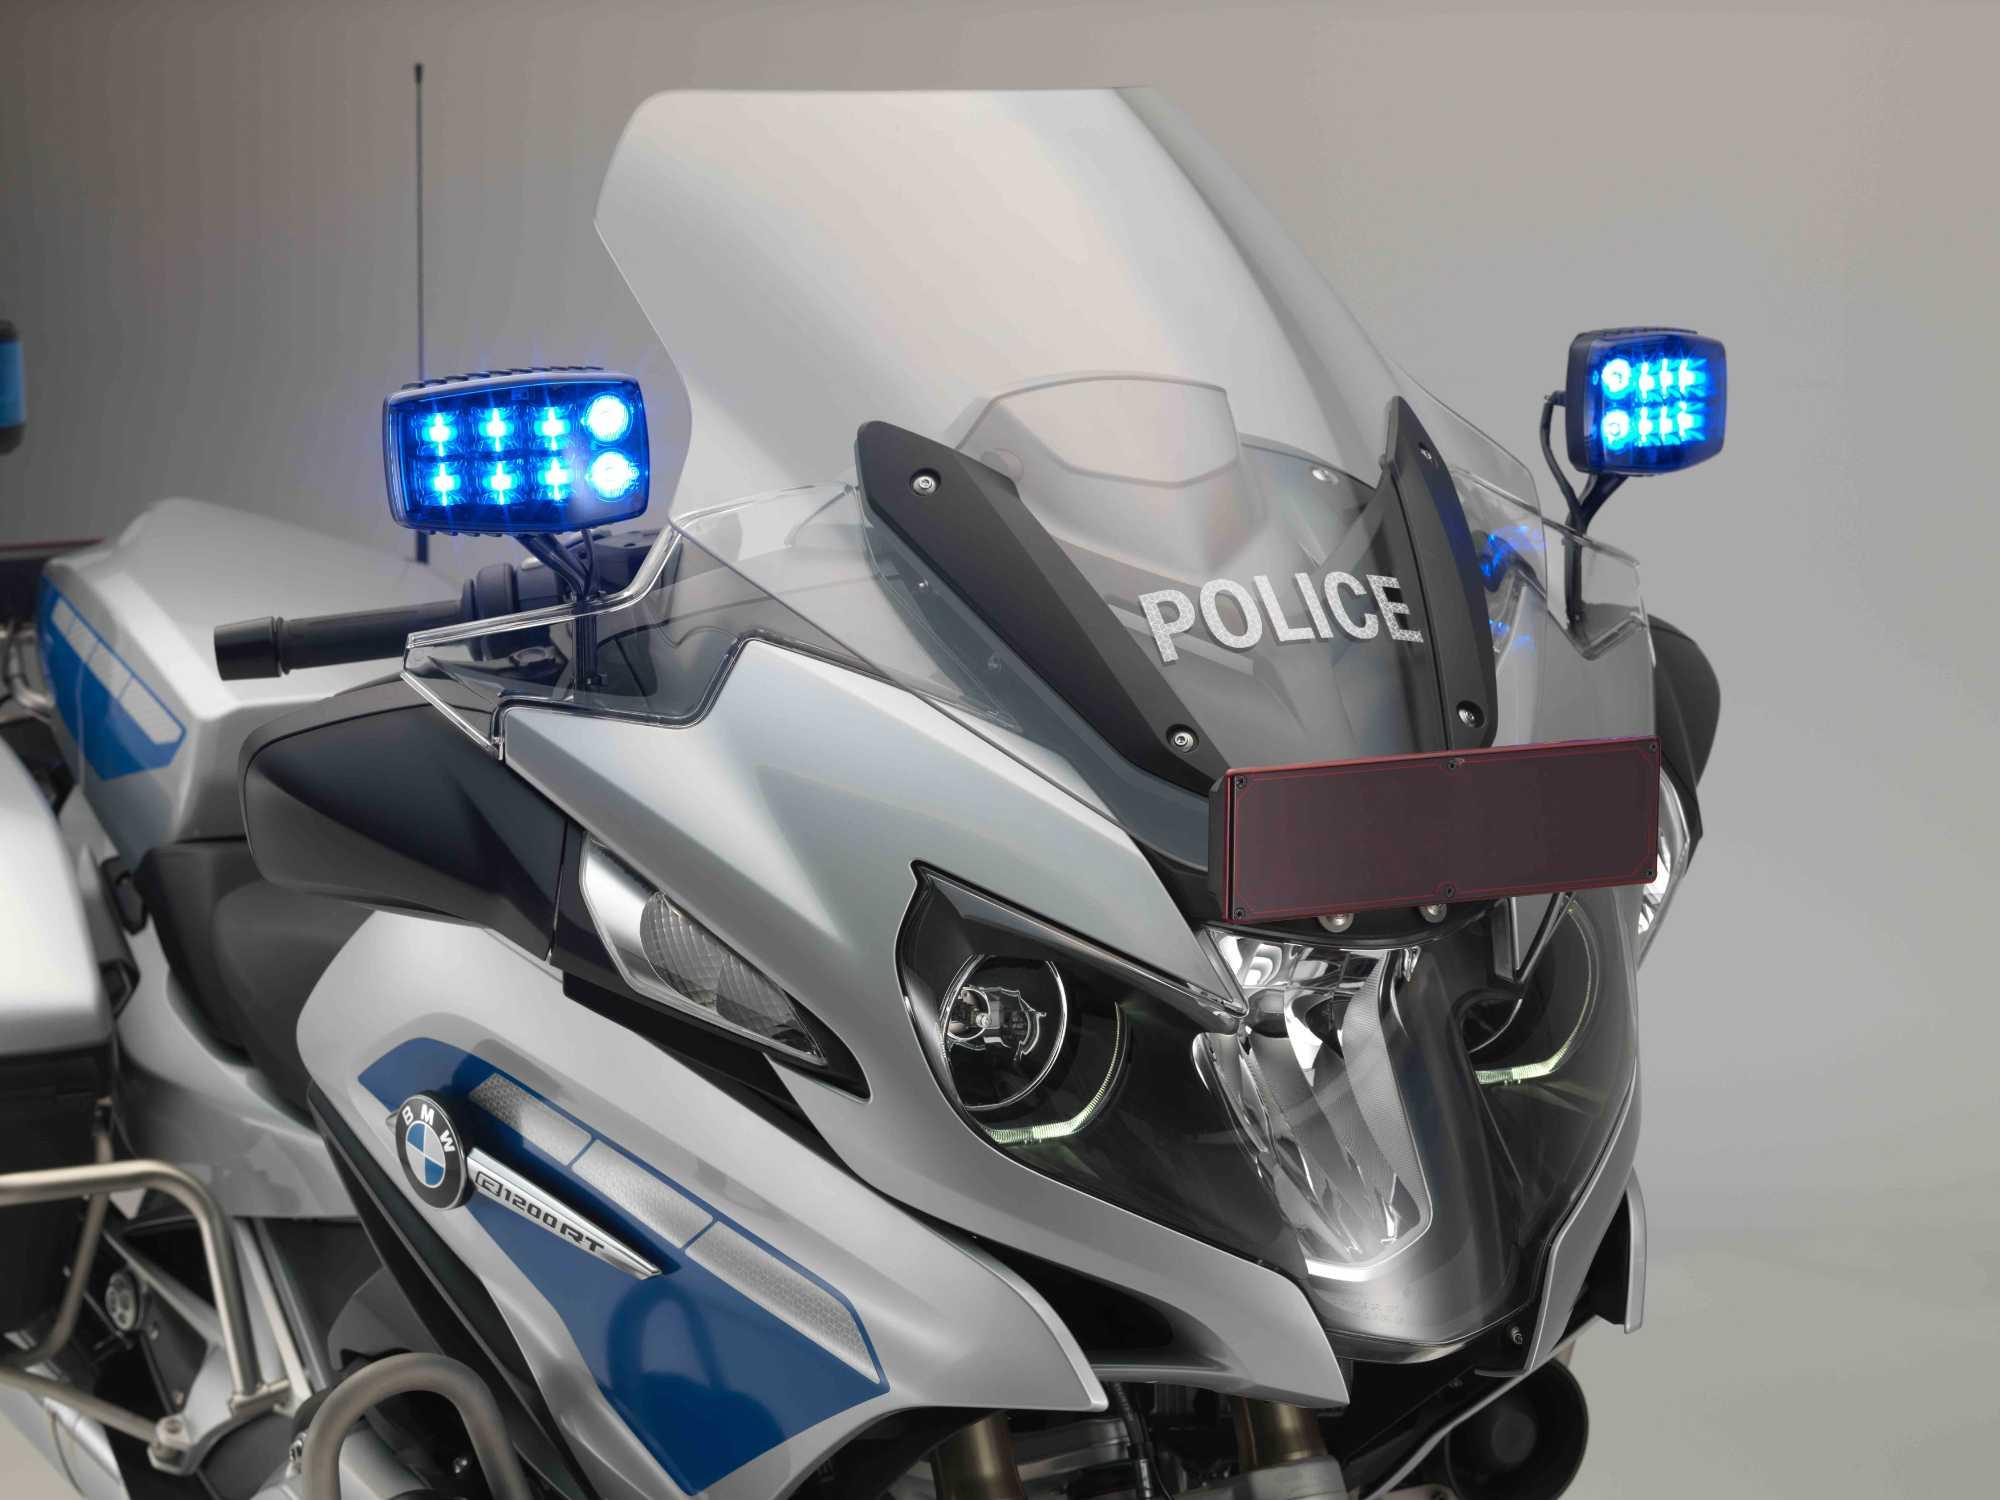 Bmw R 1200 Rt Polizei 06 2016